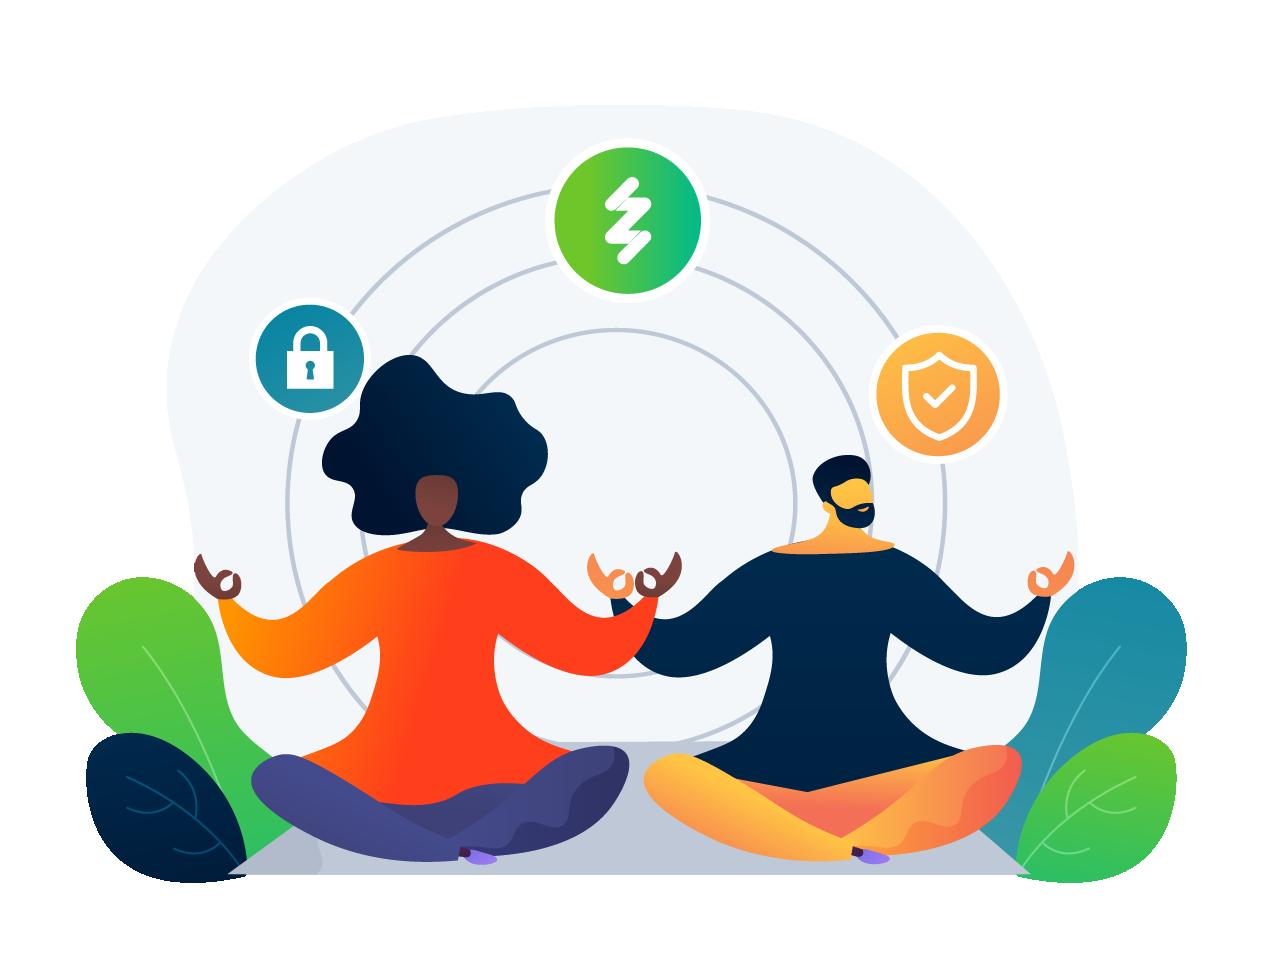 Valorizamos, respeitamos e protegemos os nossos ambientes, acessos, aplicações e dados de clientes e seus usuários.